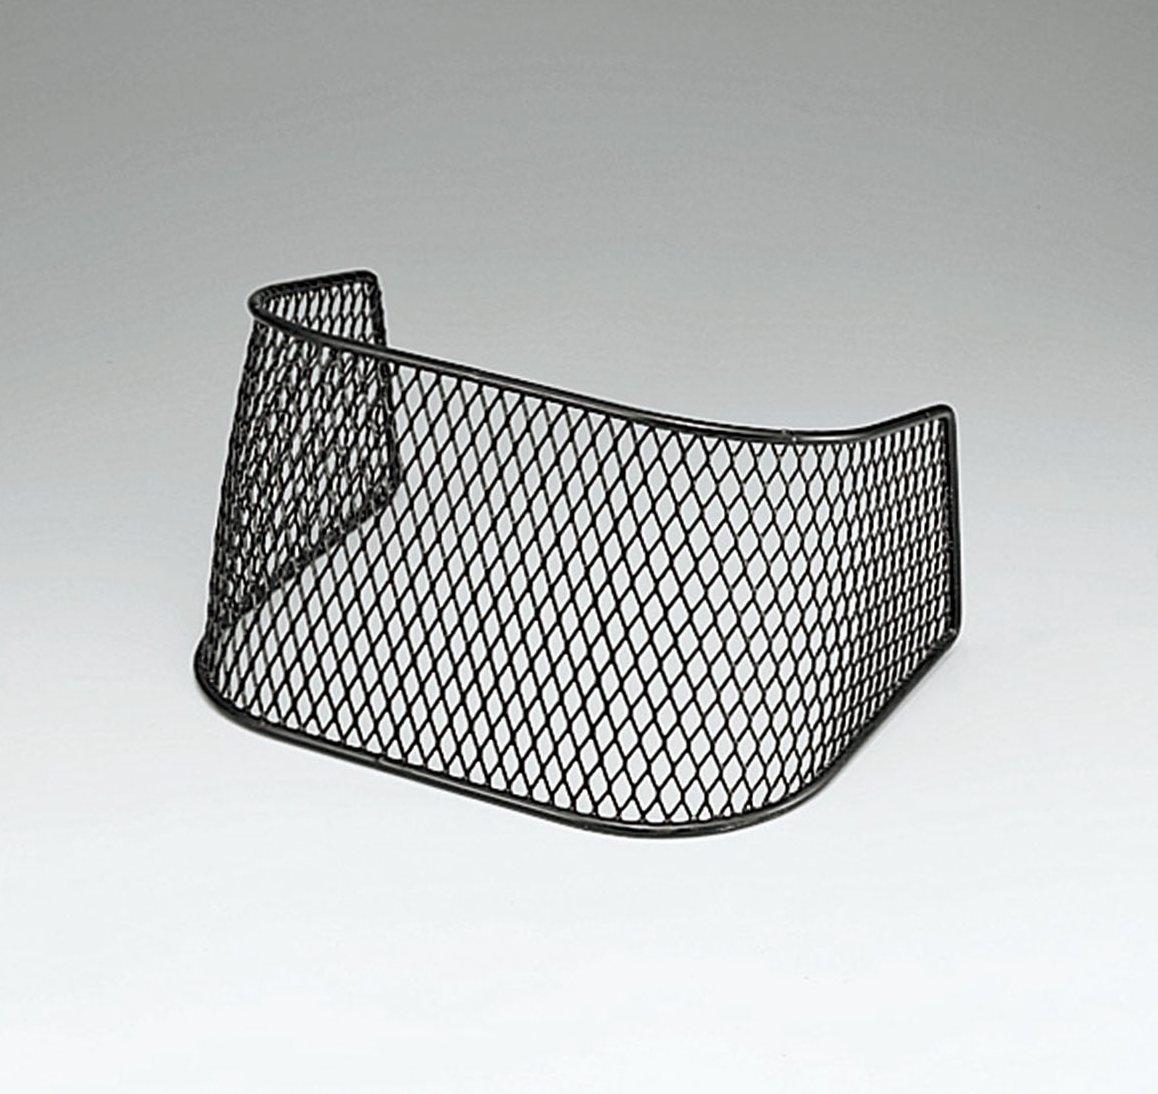 坐墊網狀護欄